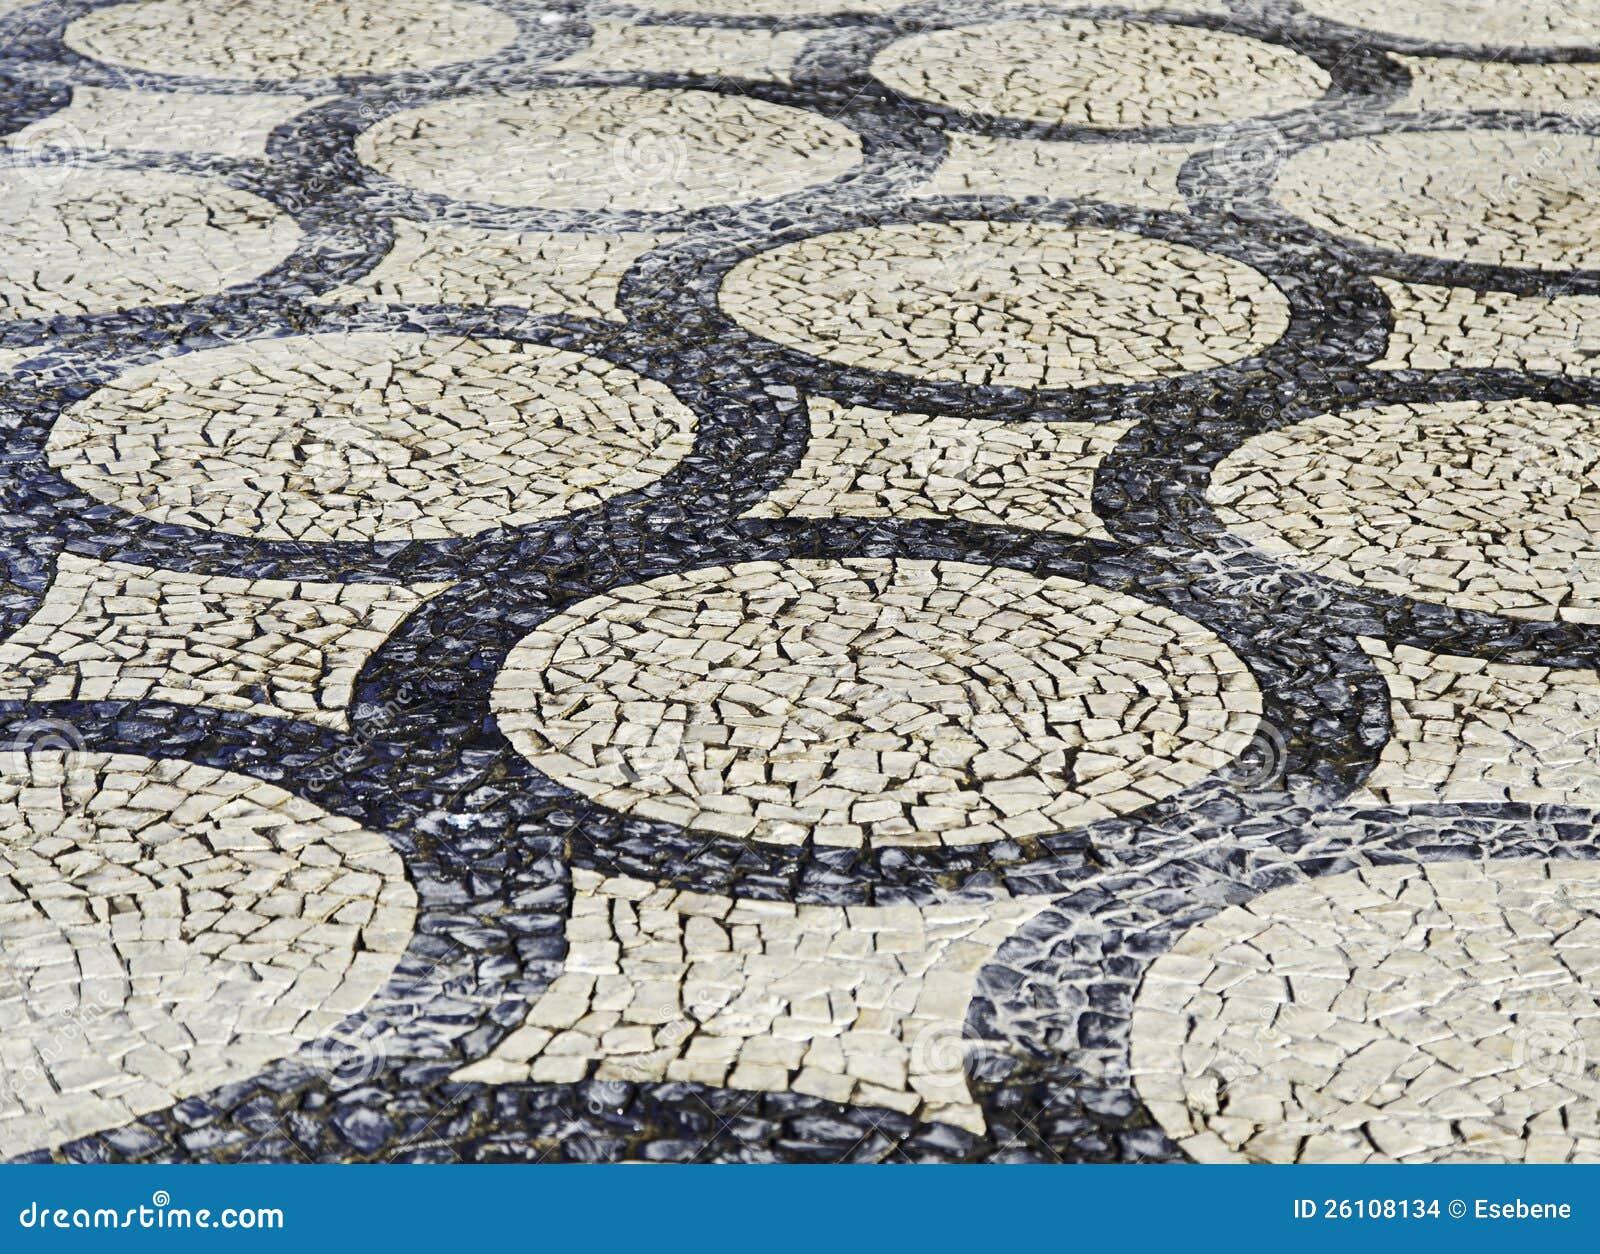 Azulejos de suelo imagenes de archivo imagen 26108134 - Azulejos de suelo ...